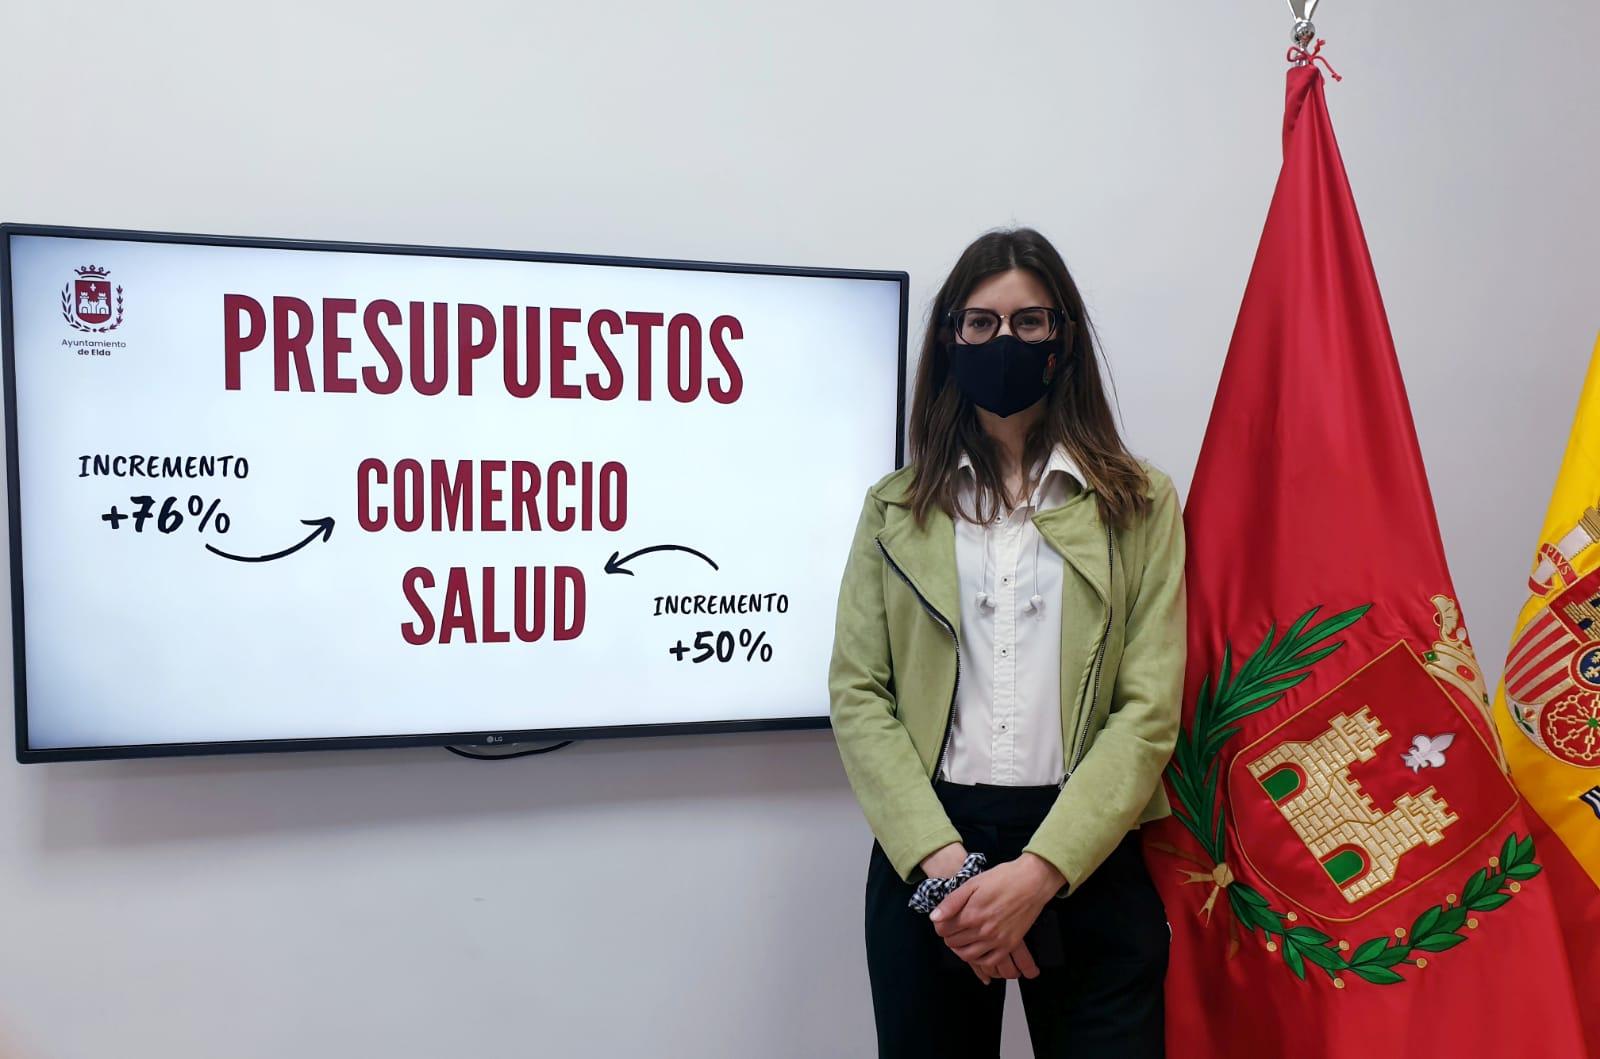 El Ayuntamiento de Elda incrementa en un 76% el presupuesto de la Concejalía de Comercio y Mercados para el presente ejercicio